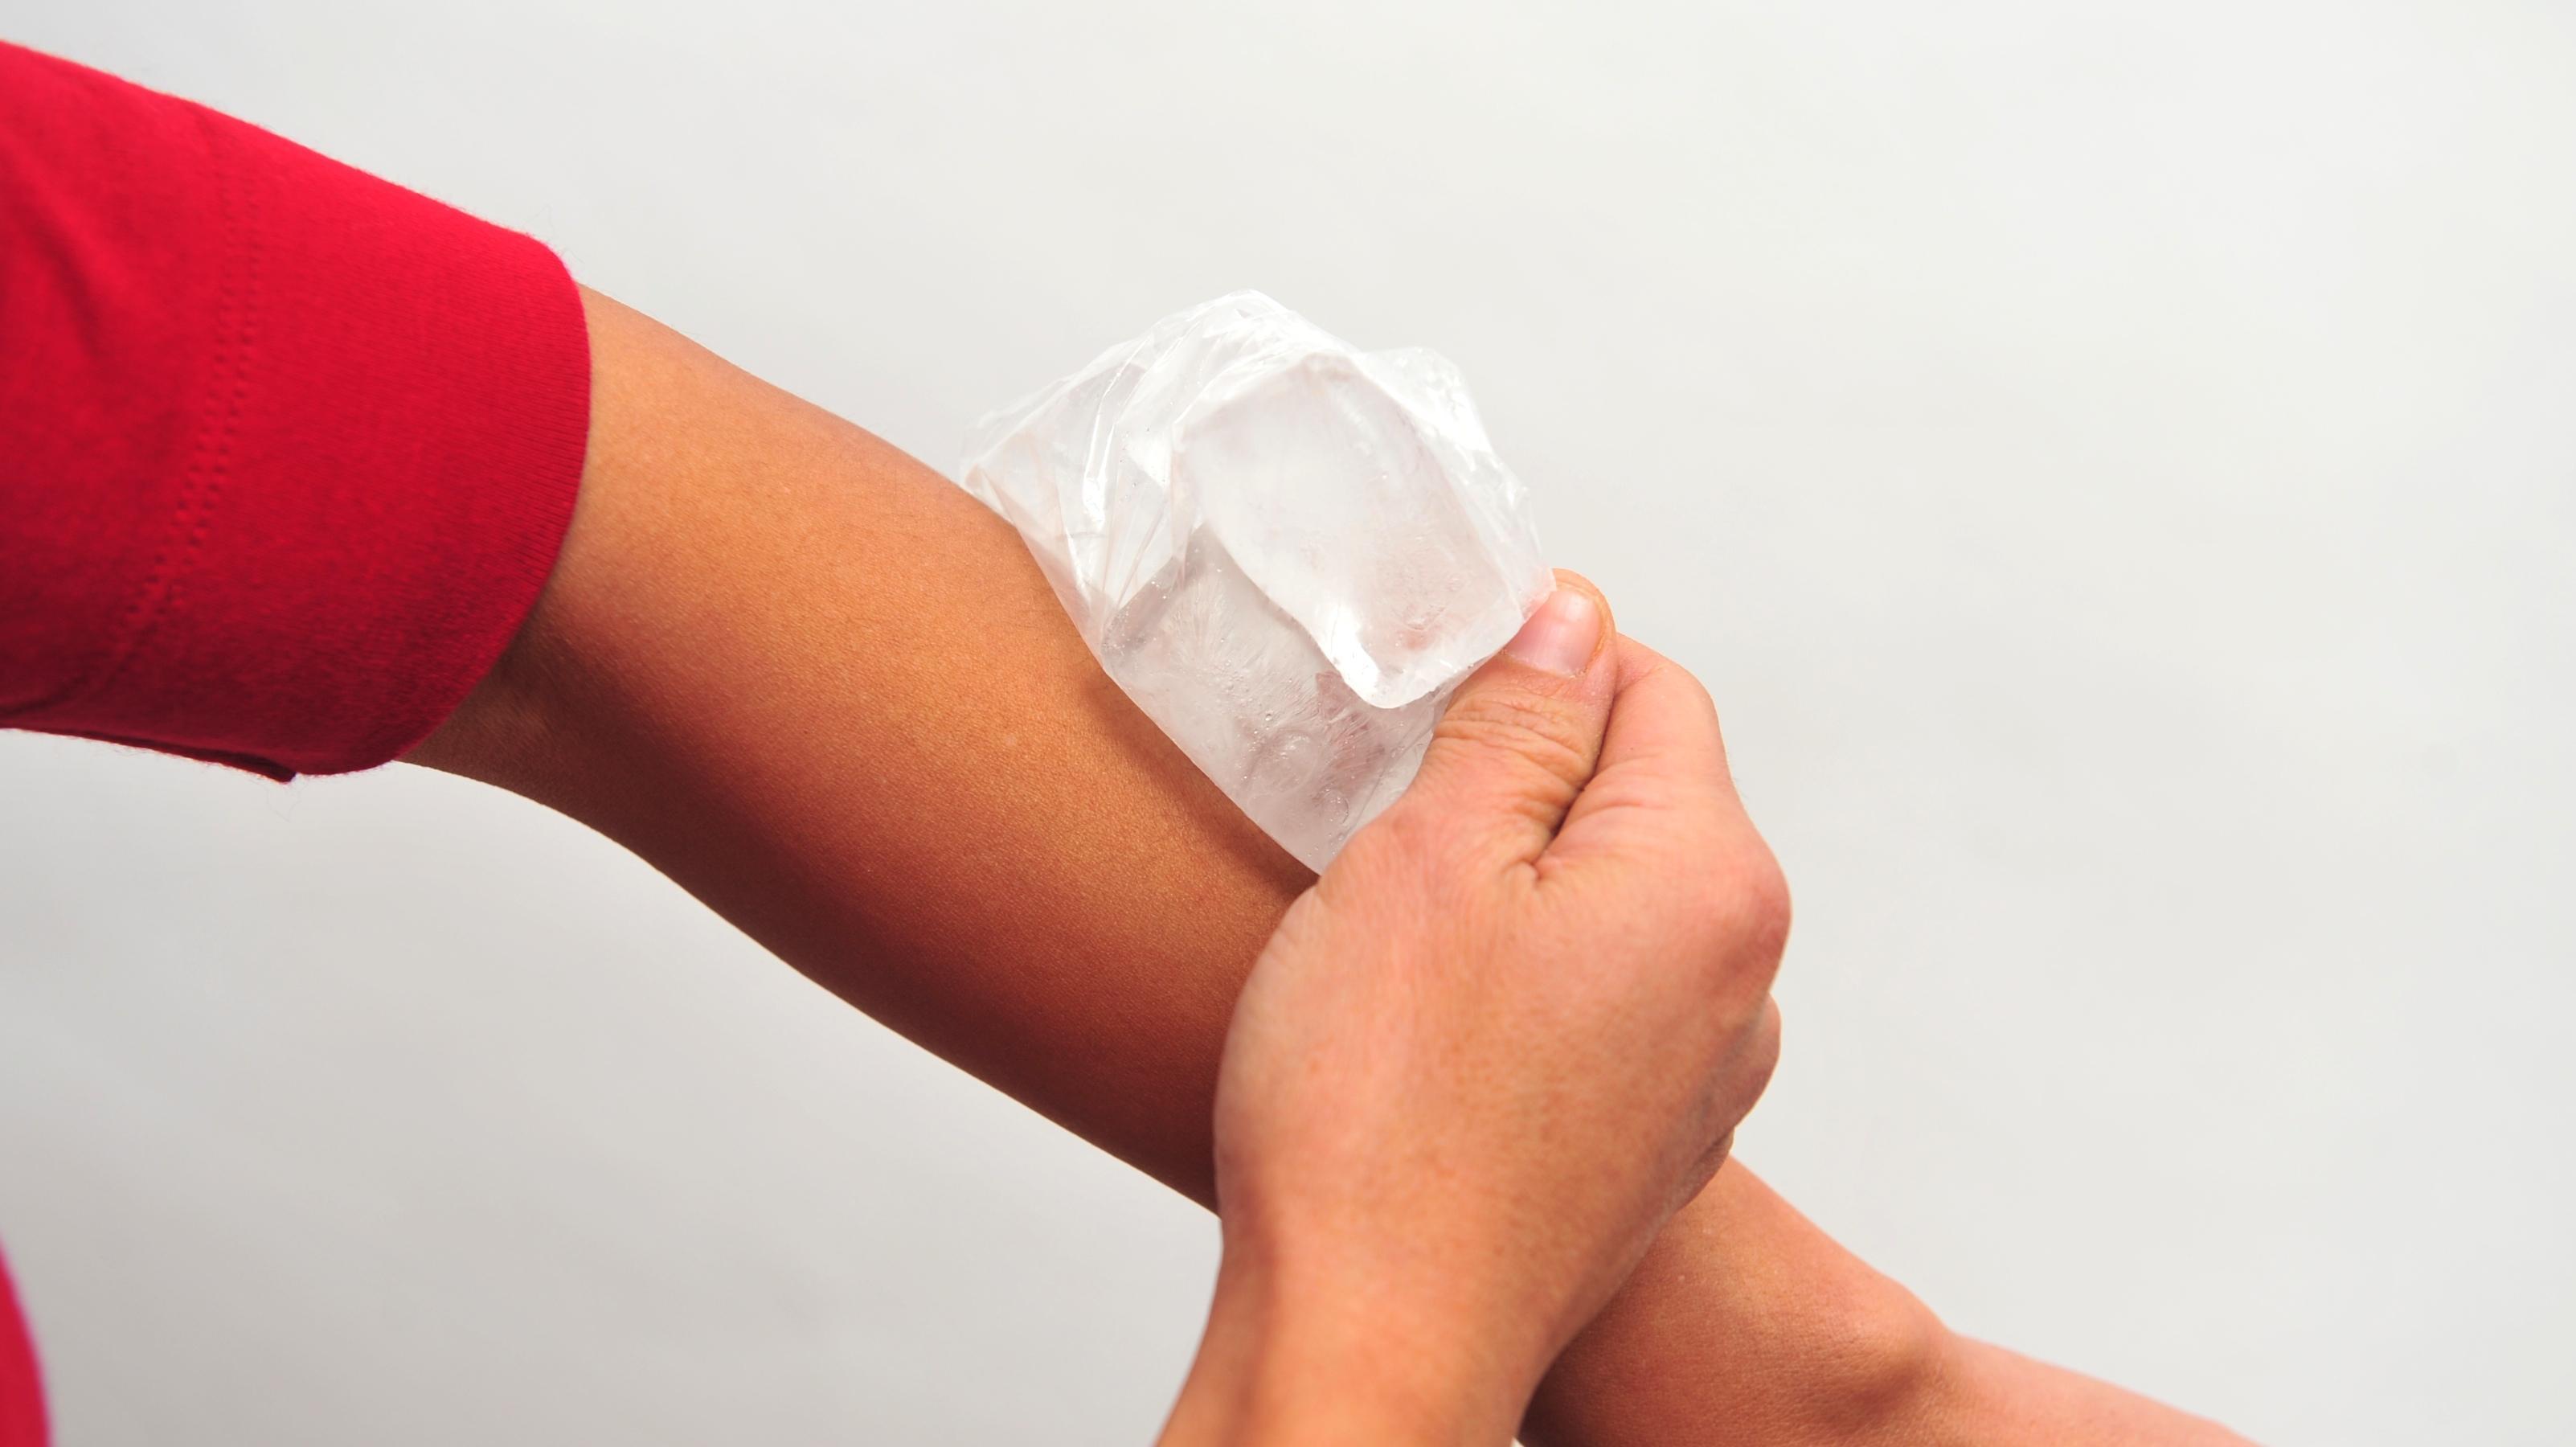 Что происходит с мышцами, если прикладывать к ним лед после тяжелых нагрузок